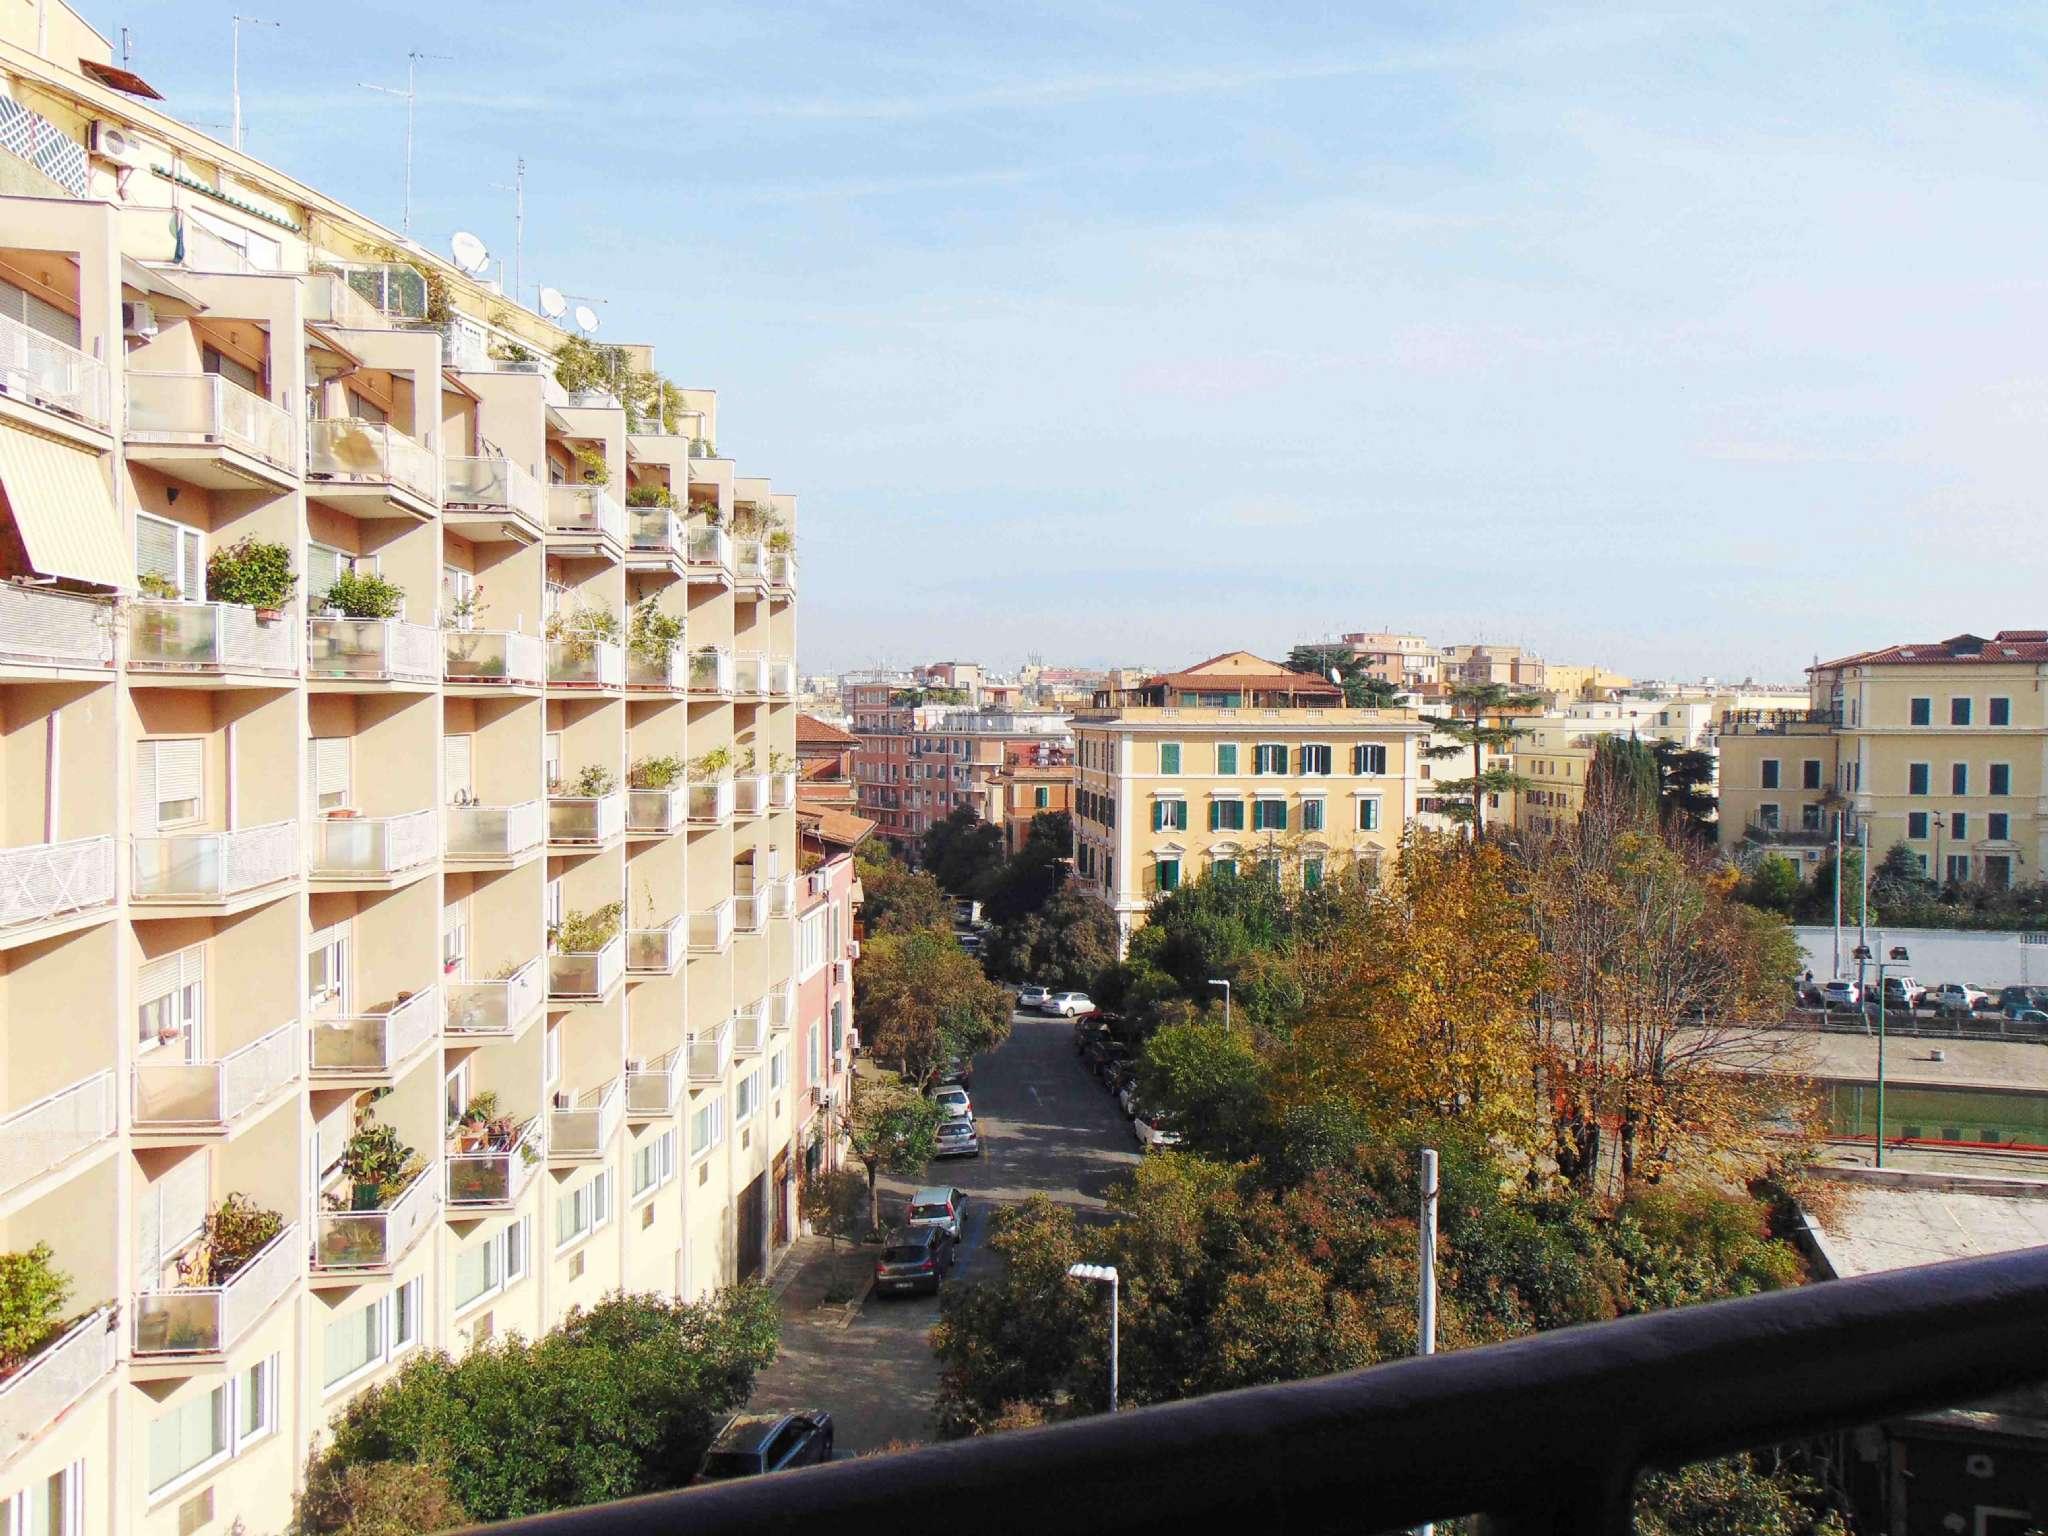 Appartamento in vendita a Roma, 5 locali, zona Zona: 4 . Nomentano, Bologna, Policlinico, prezzo € 560.000 | CambioCasa.it